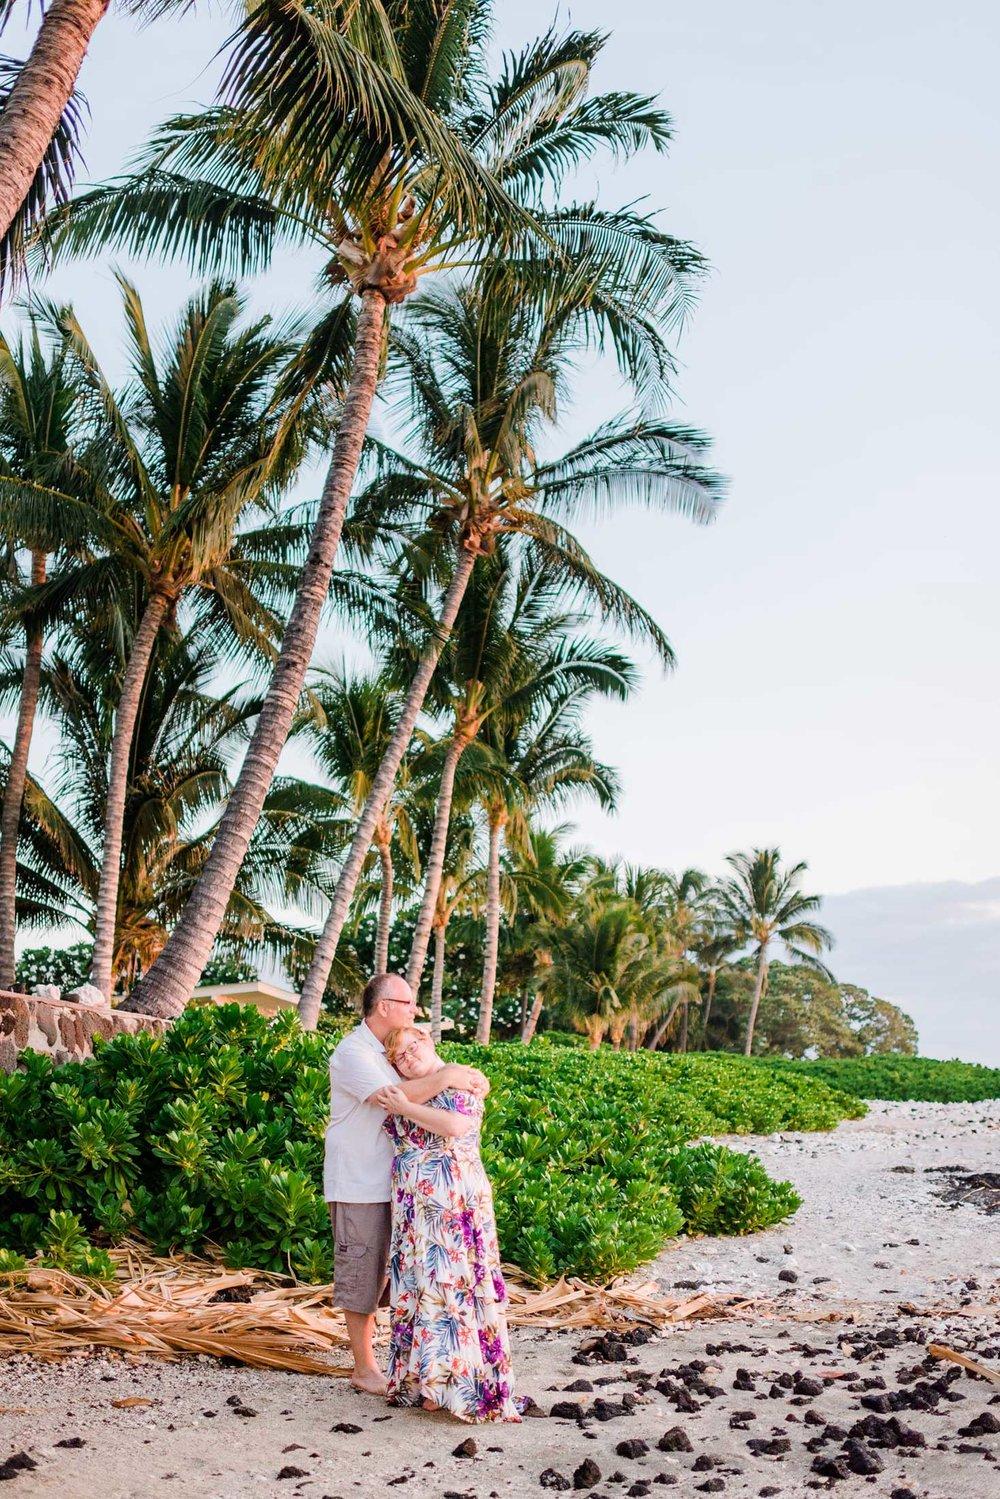 Big-Island-Honeymoon-Hawaii-Photographer-39.jpg